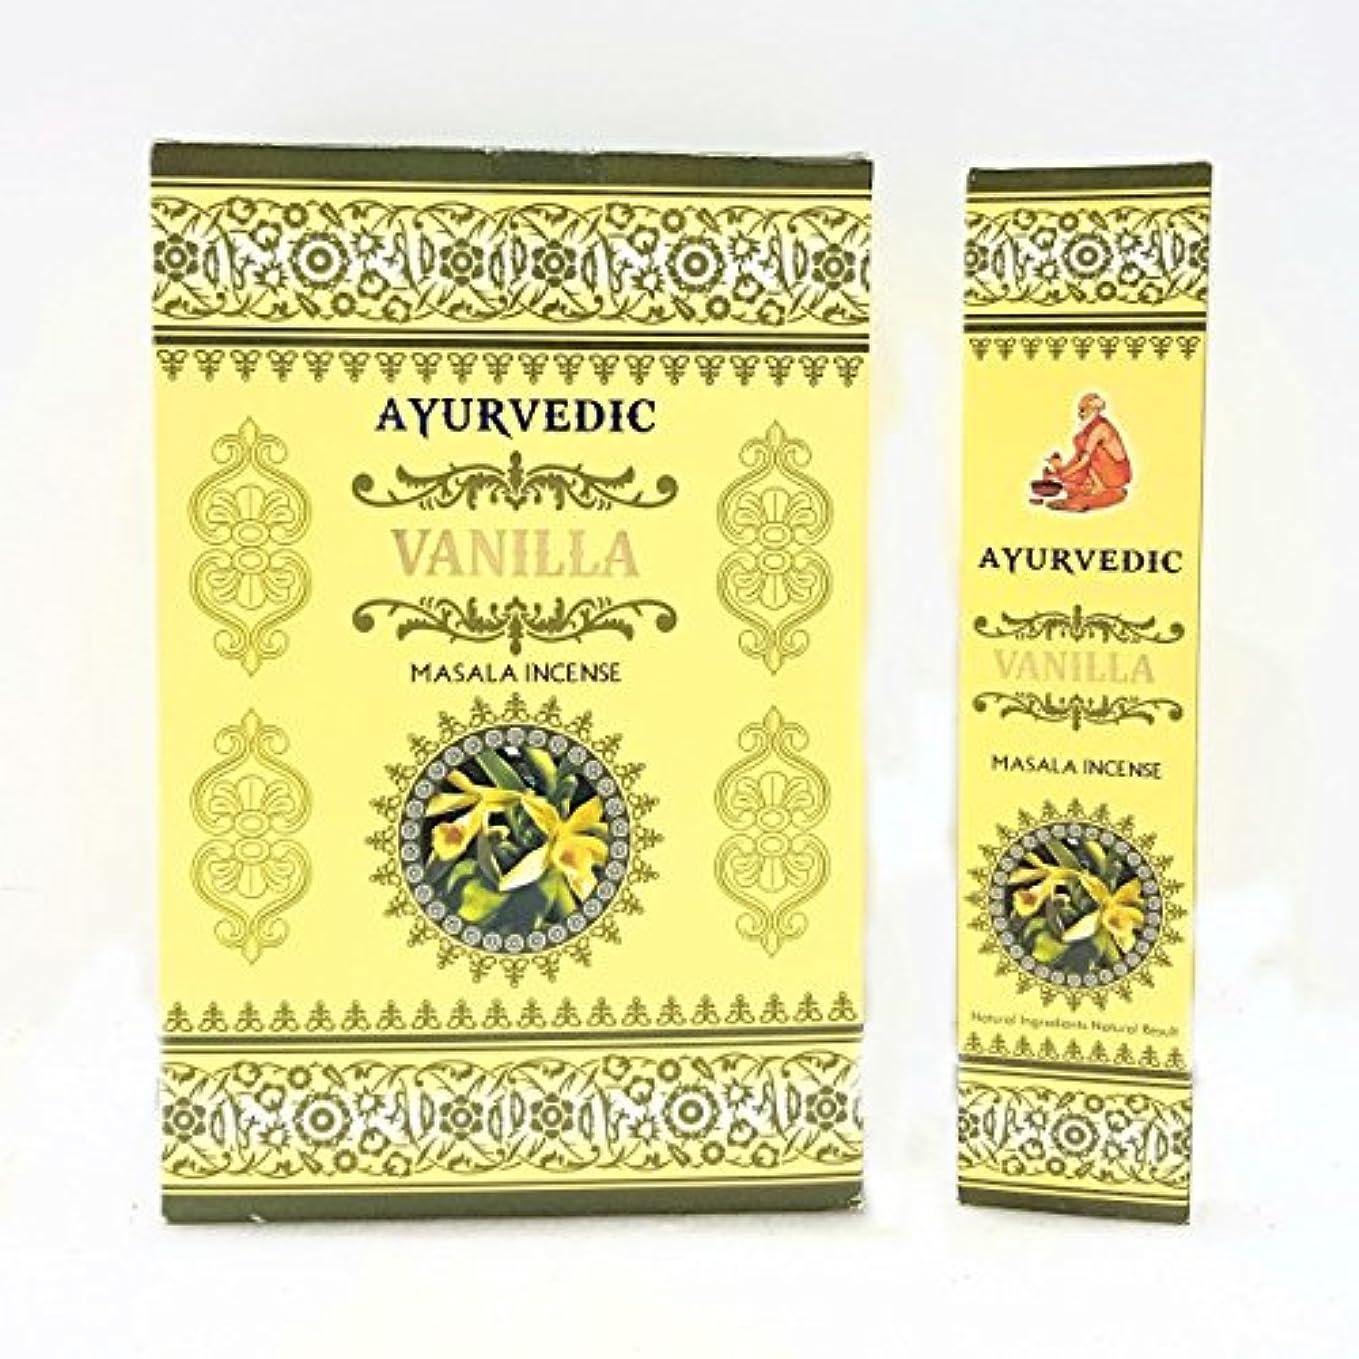 方法論記念鳴り響くアーユルヴェーダバニラMasala Incense Sticks Agarbatti (12パックX 15 Sticks各)